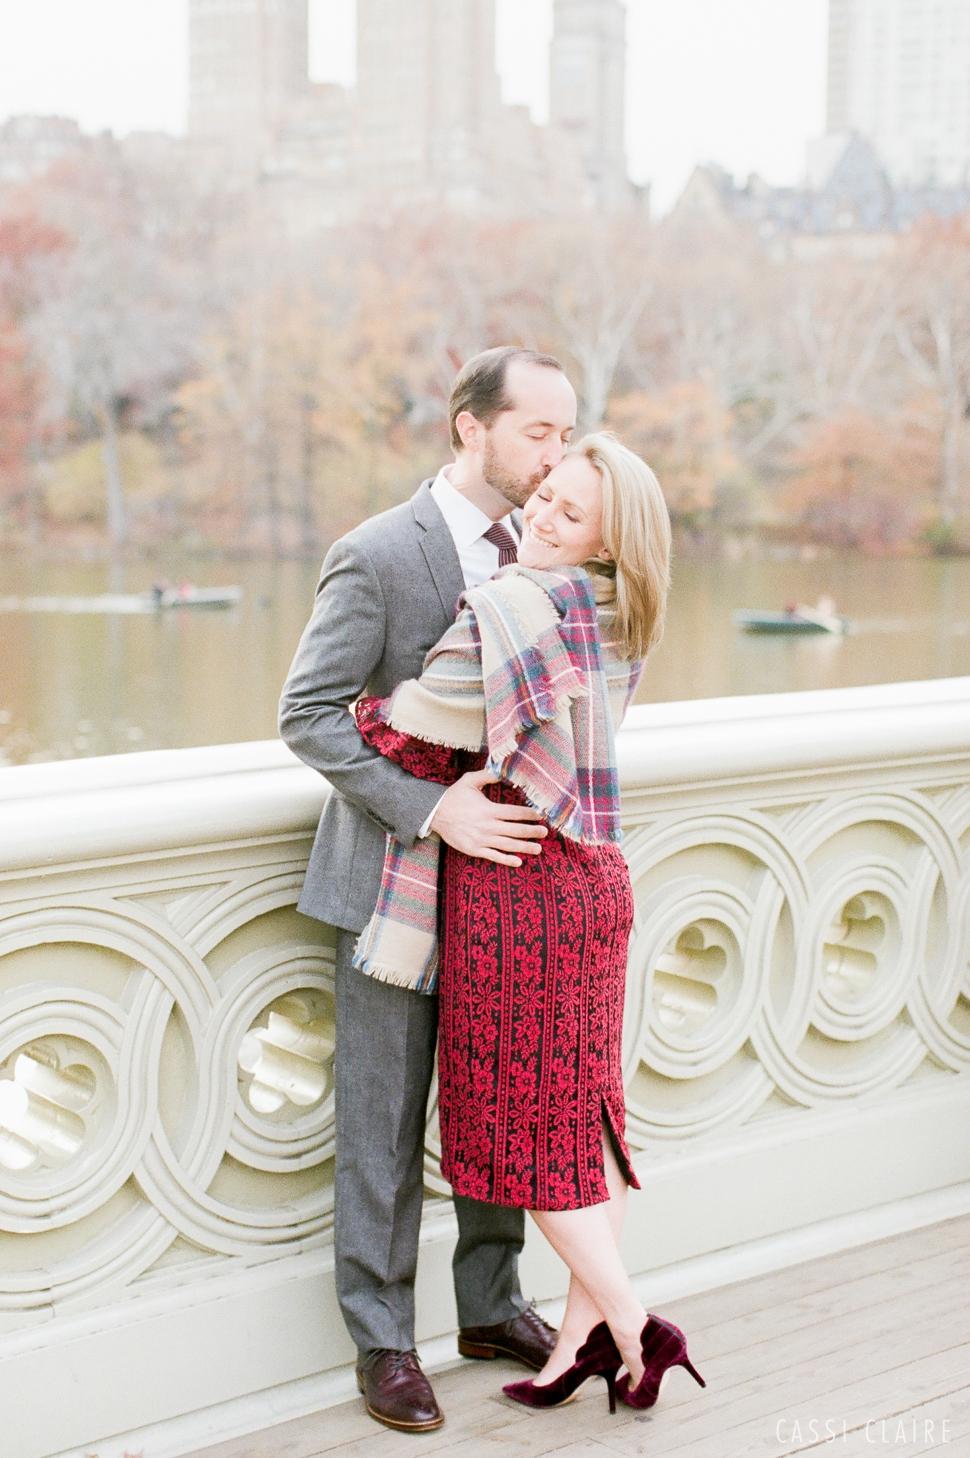 NJ-Engagement-Photos_Cassi-Claire_26.jpg